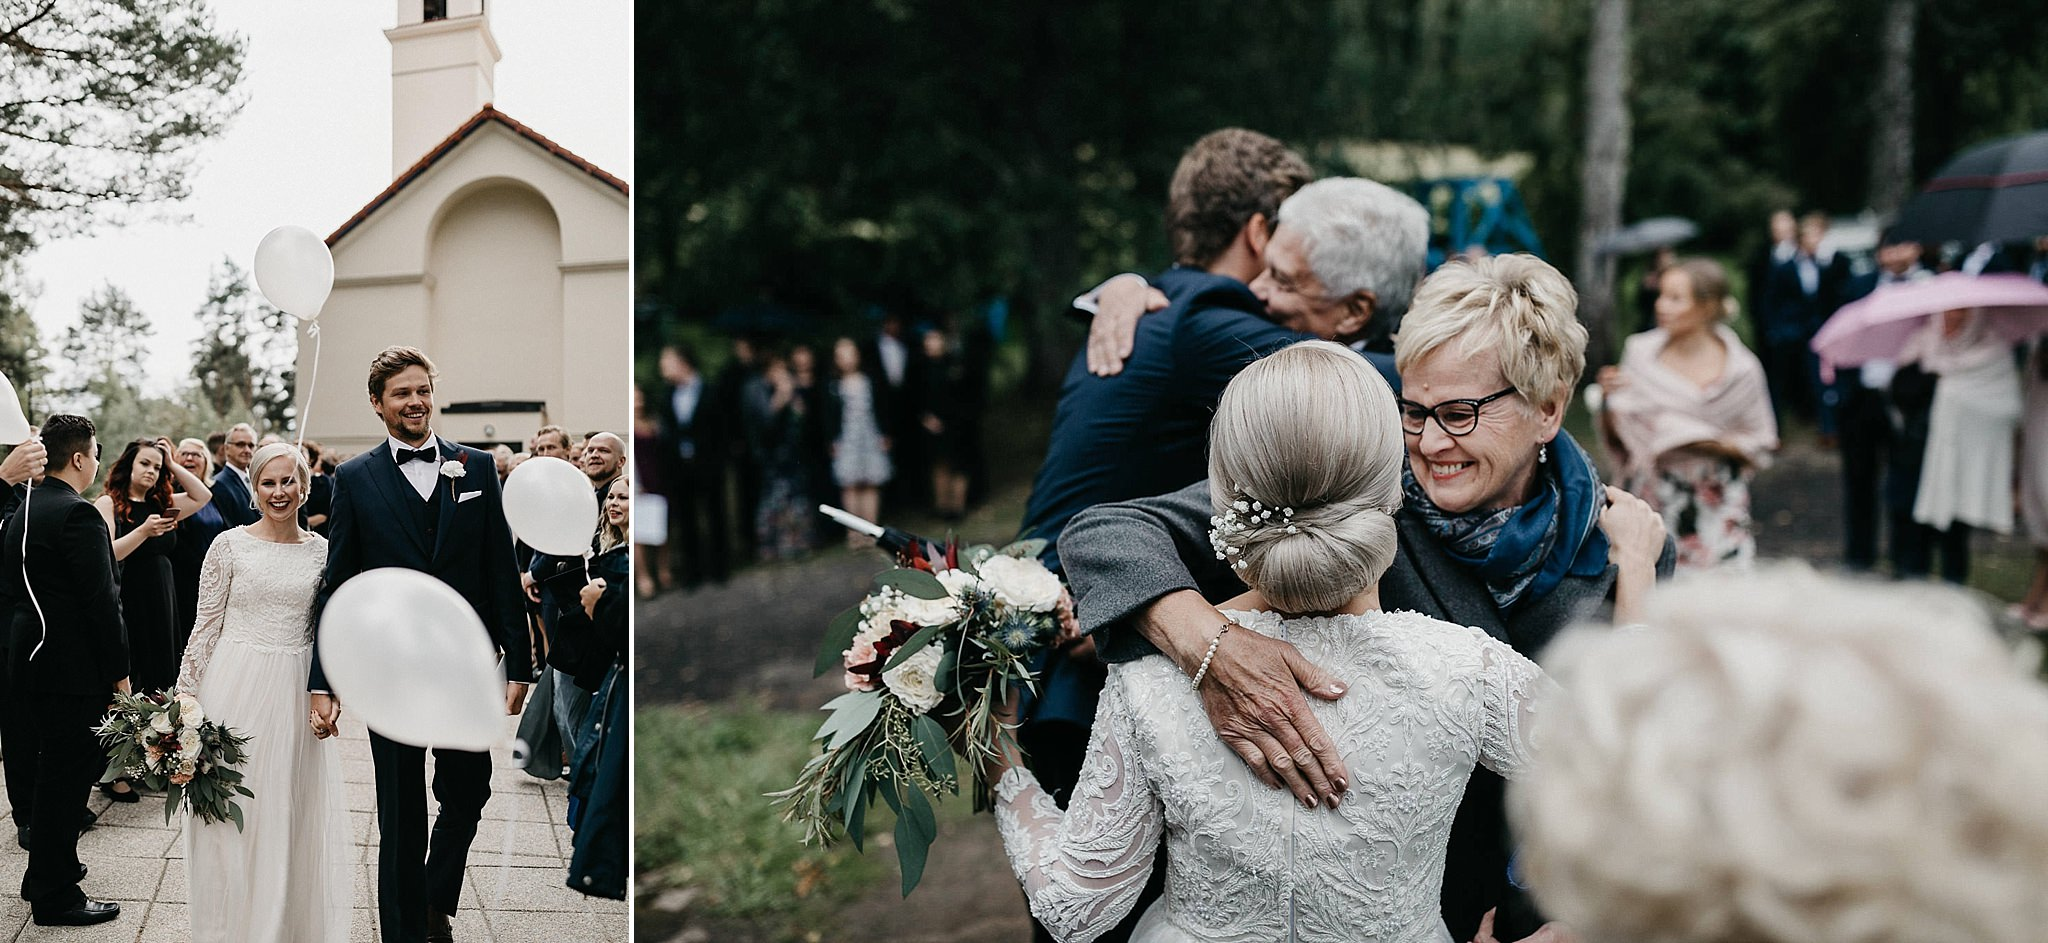 Haakuvaus_wedding_jyvaskyla_muurame_tuomiston_tila_0100.jpg